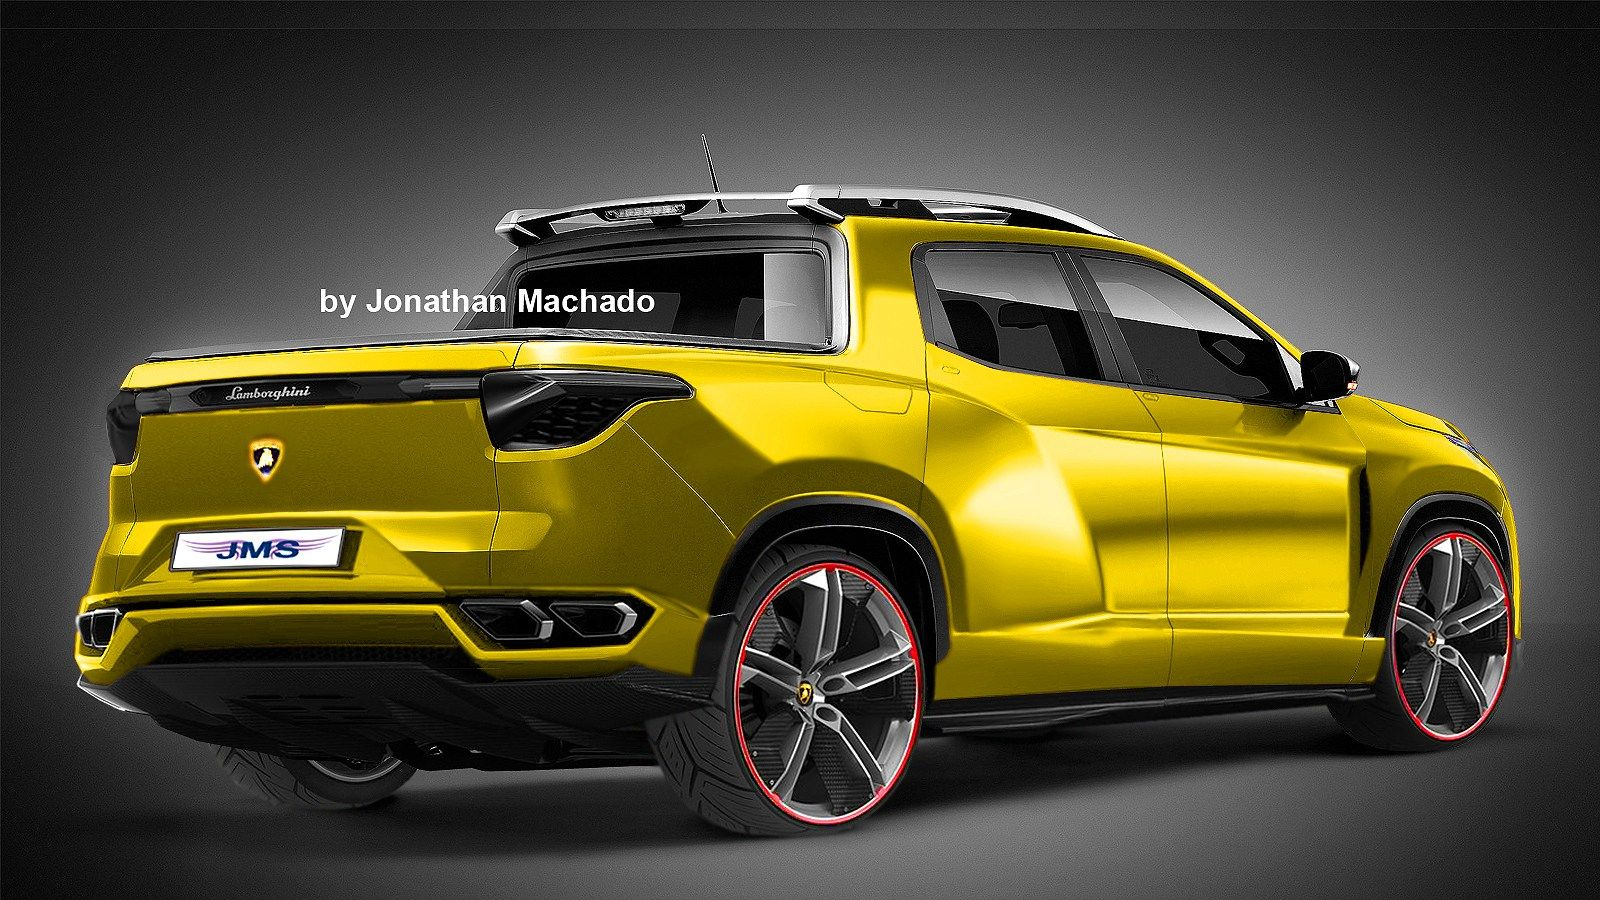 Preo Da Lamborghini 2018 Car Wallpaper Hd Throughout Preco Veneno Cars Usa